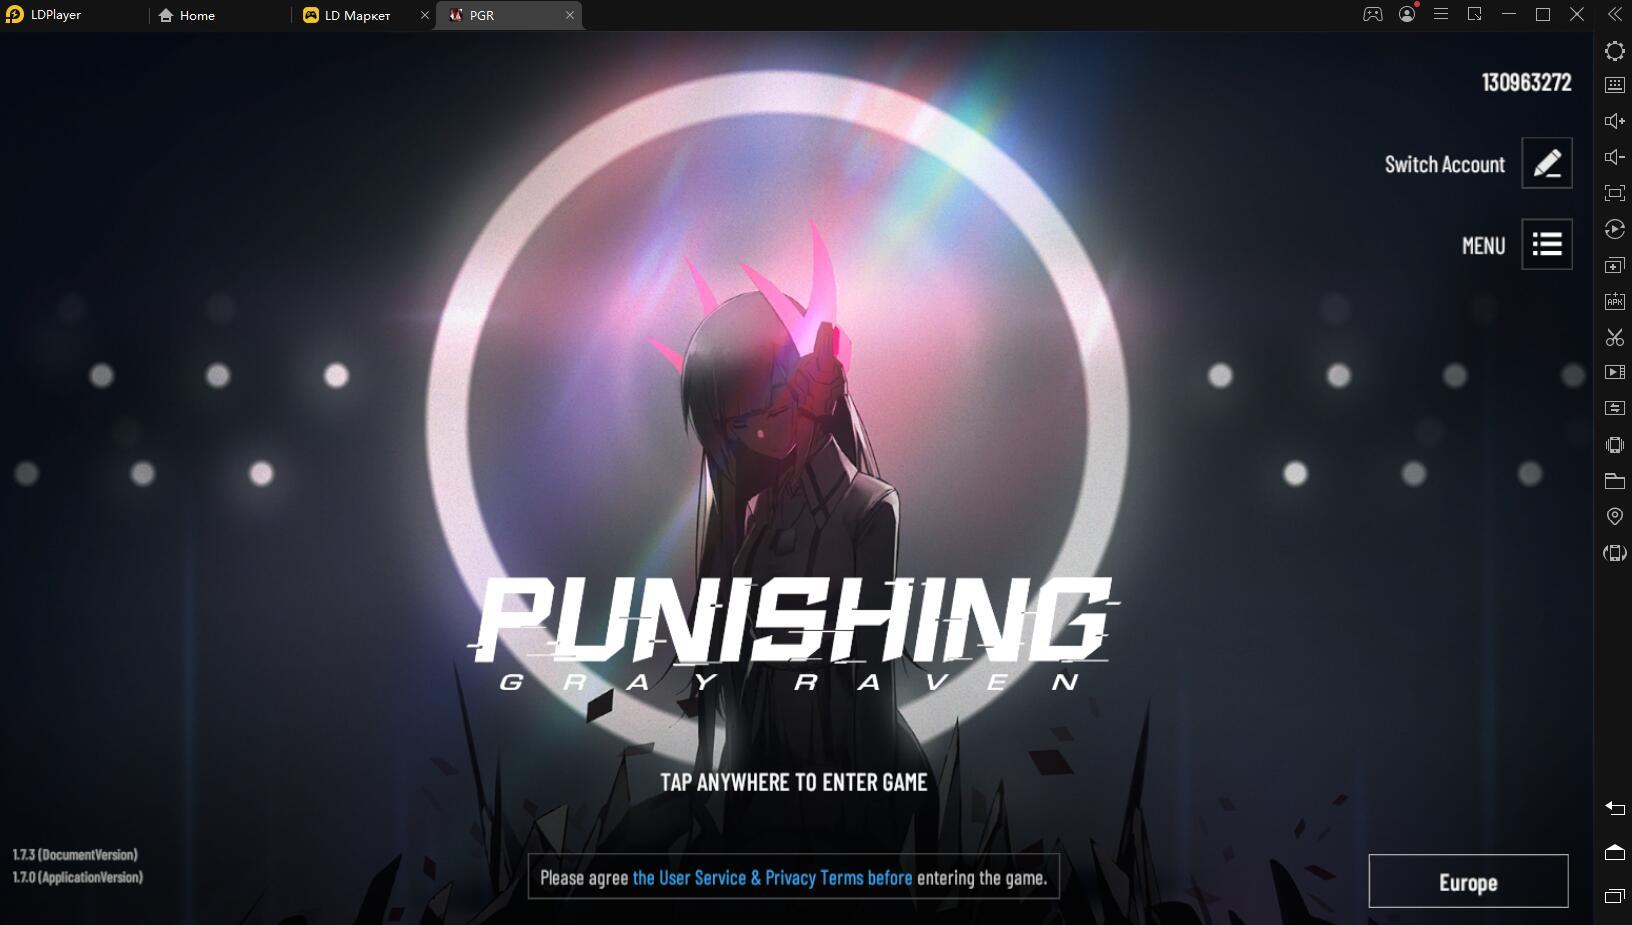 Играть в «Punishing: Gray Raven» бесплатно на пк